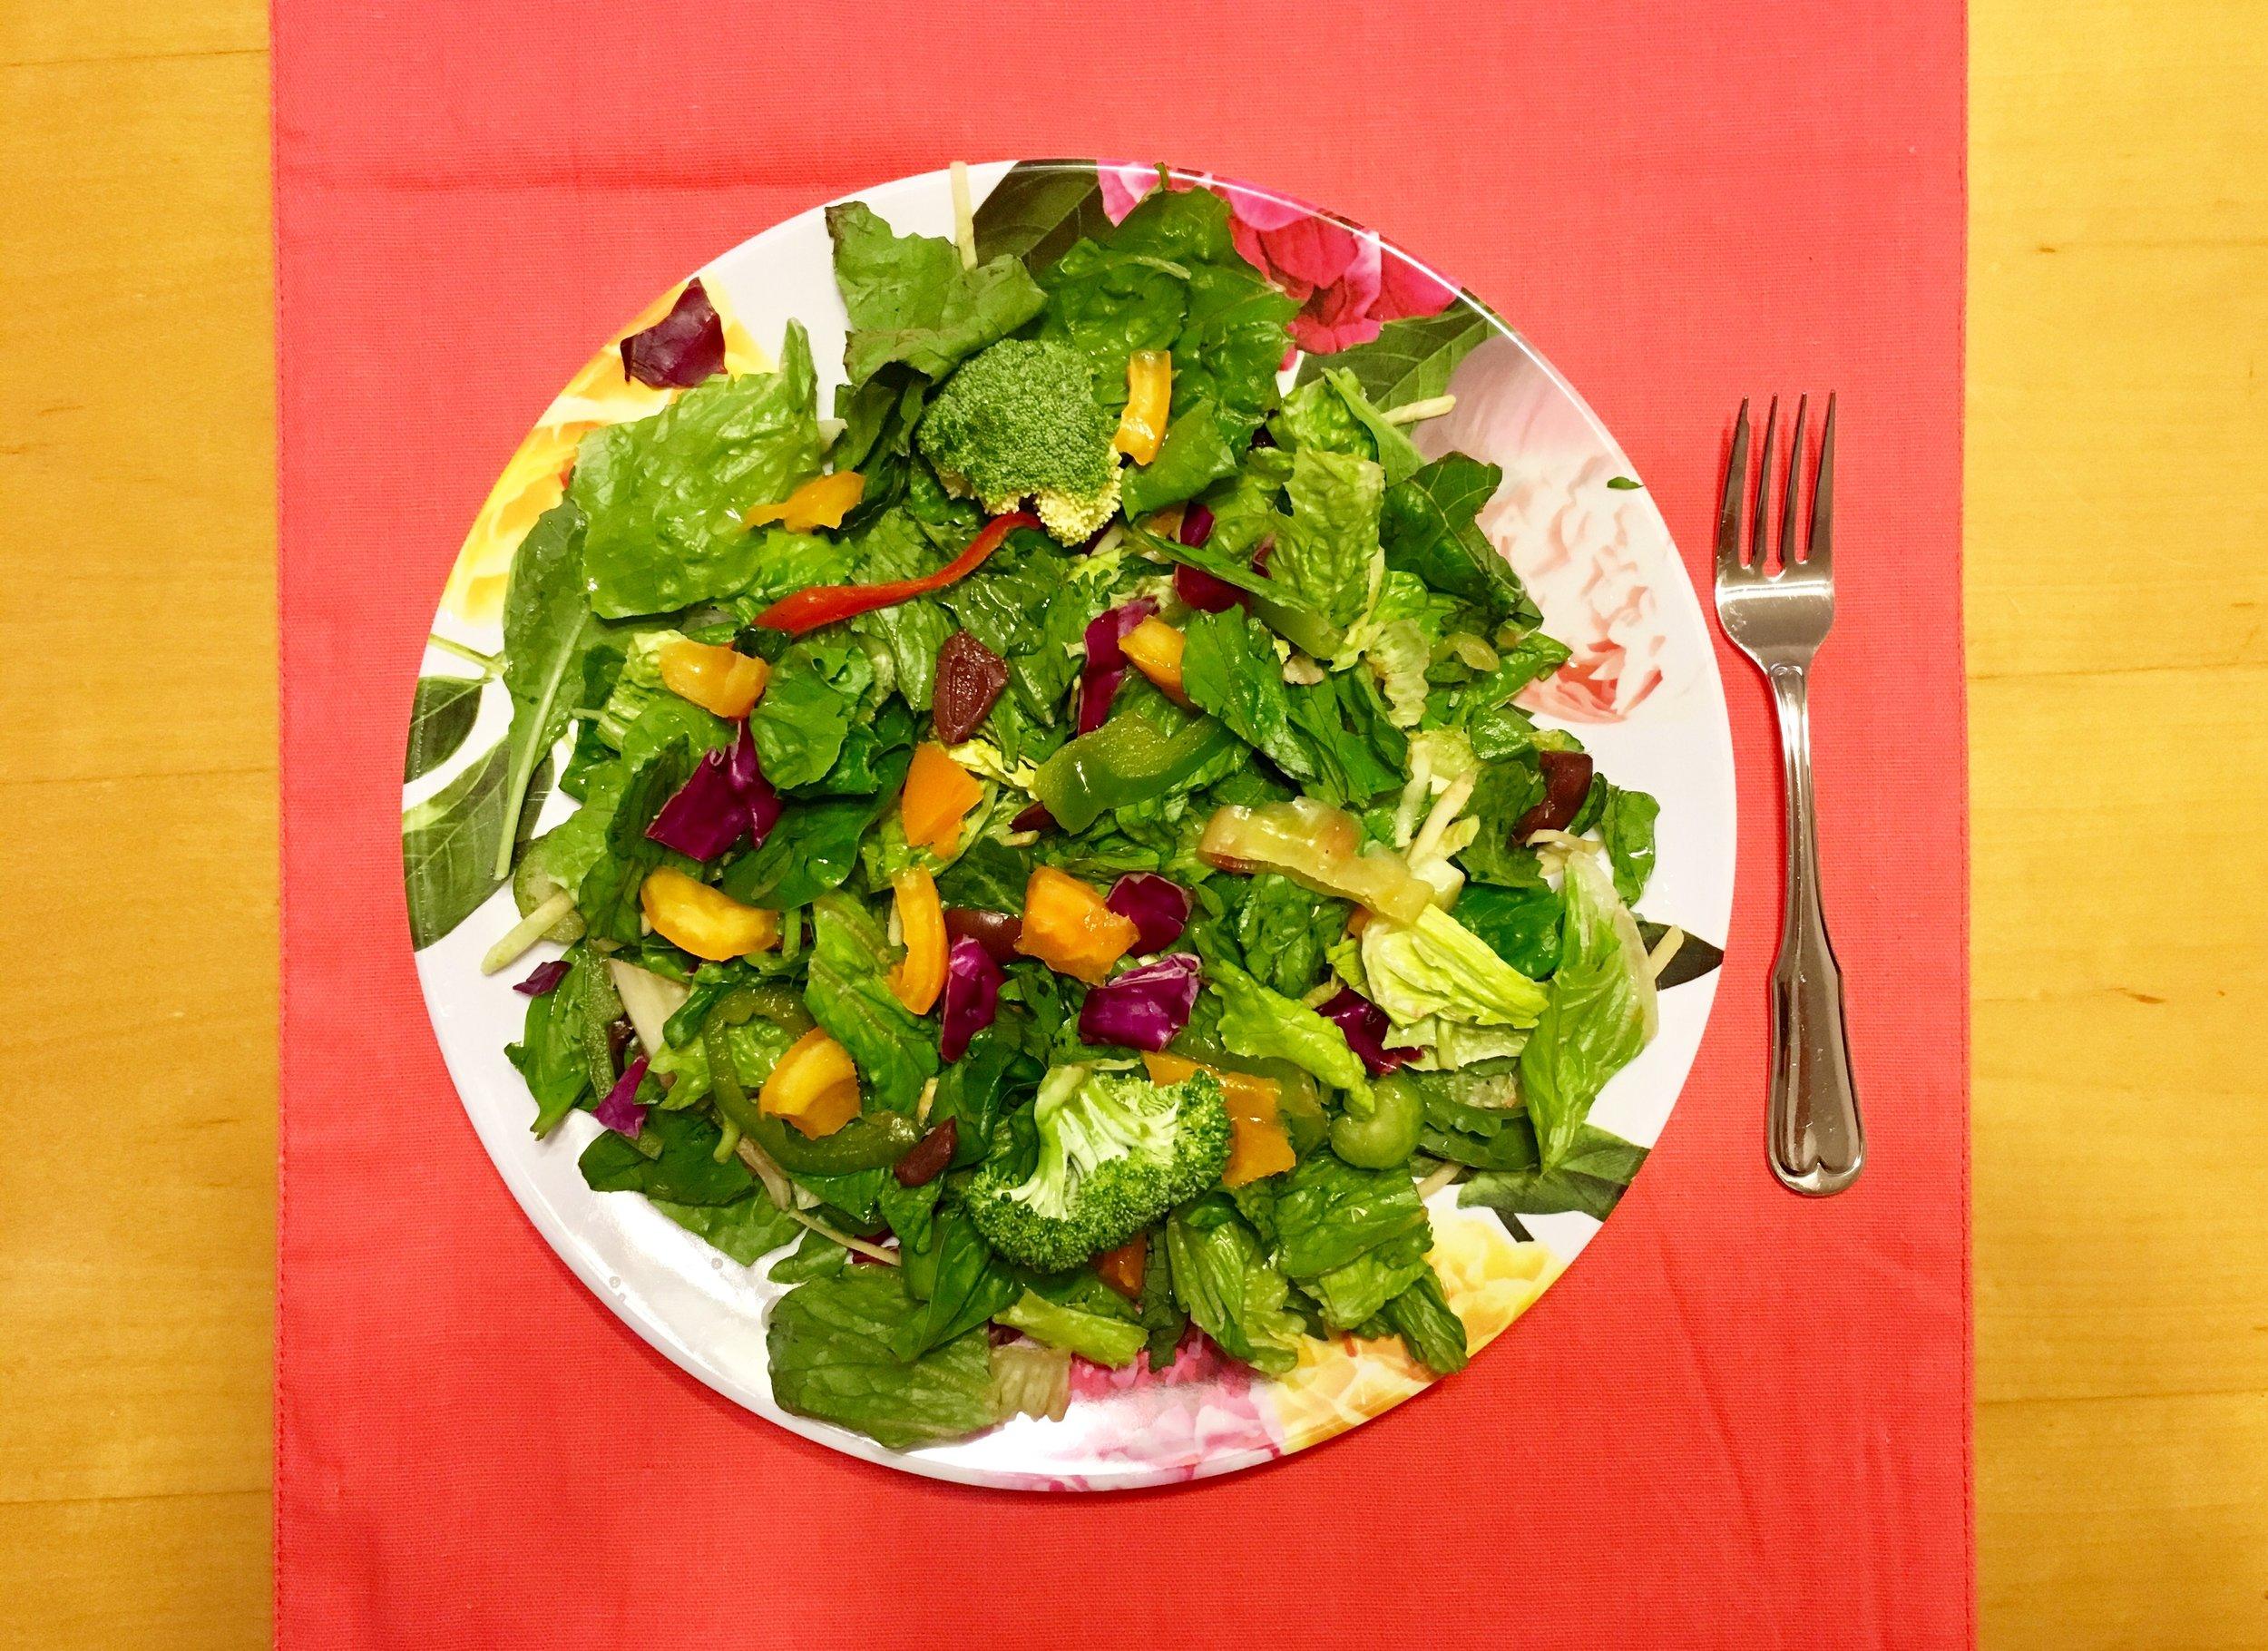 holistichealthbyholly_salad.jpeg